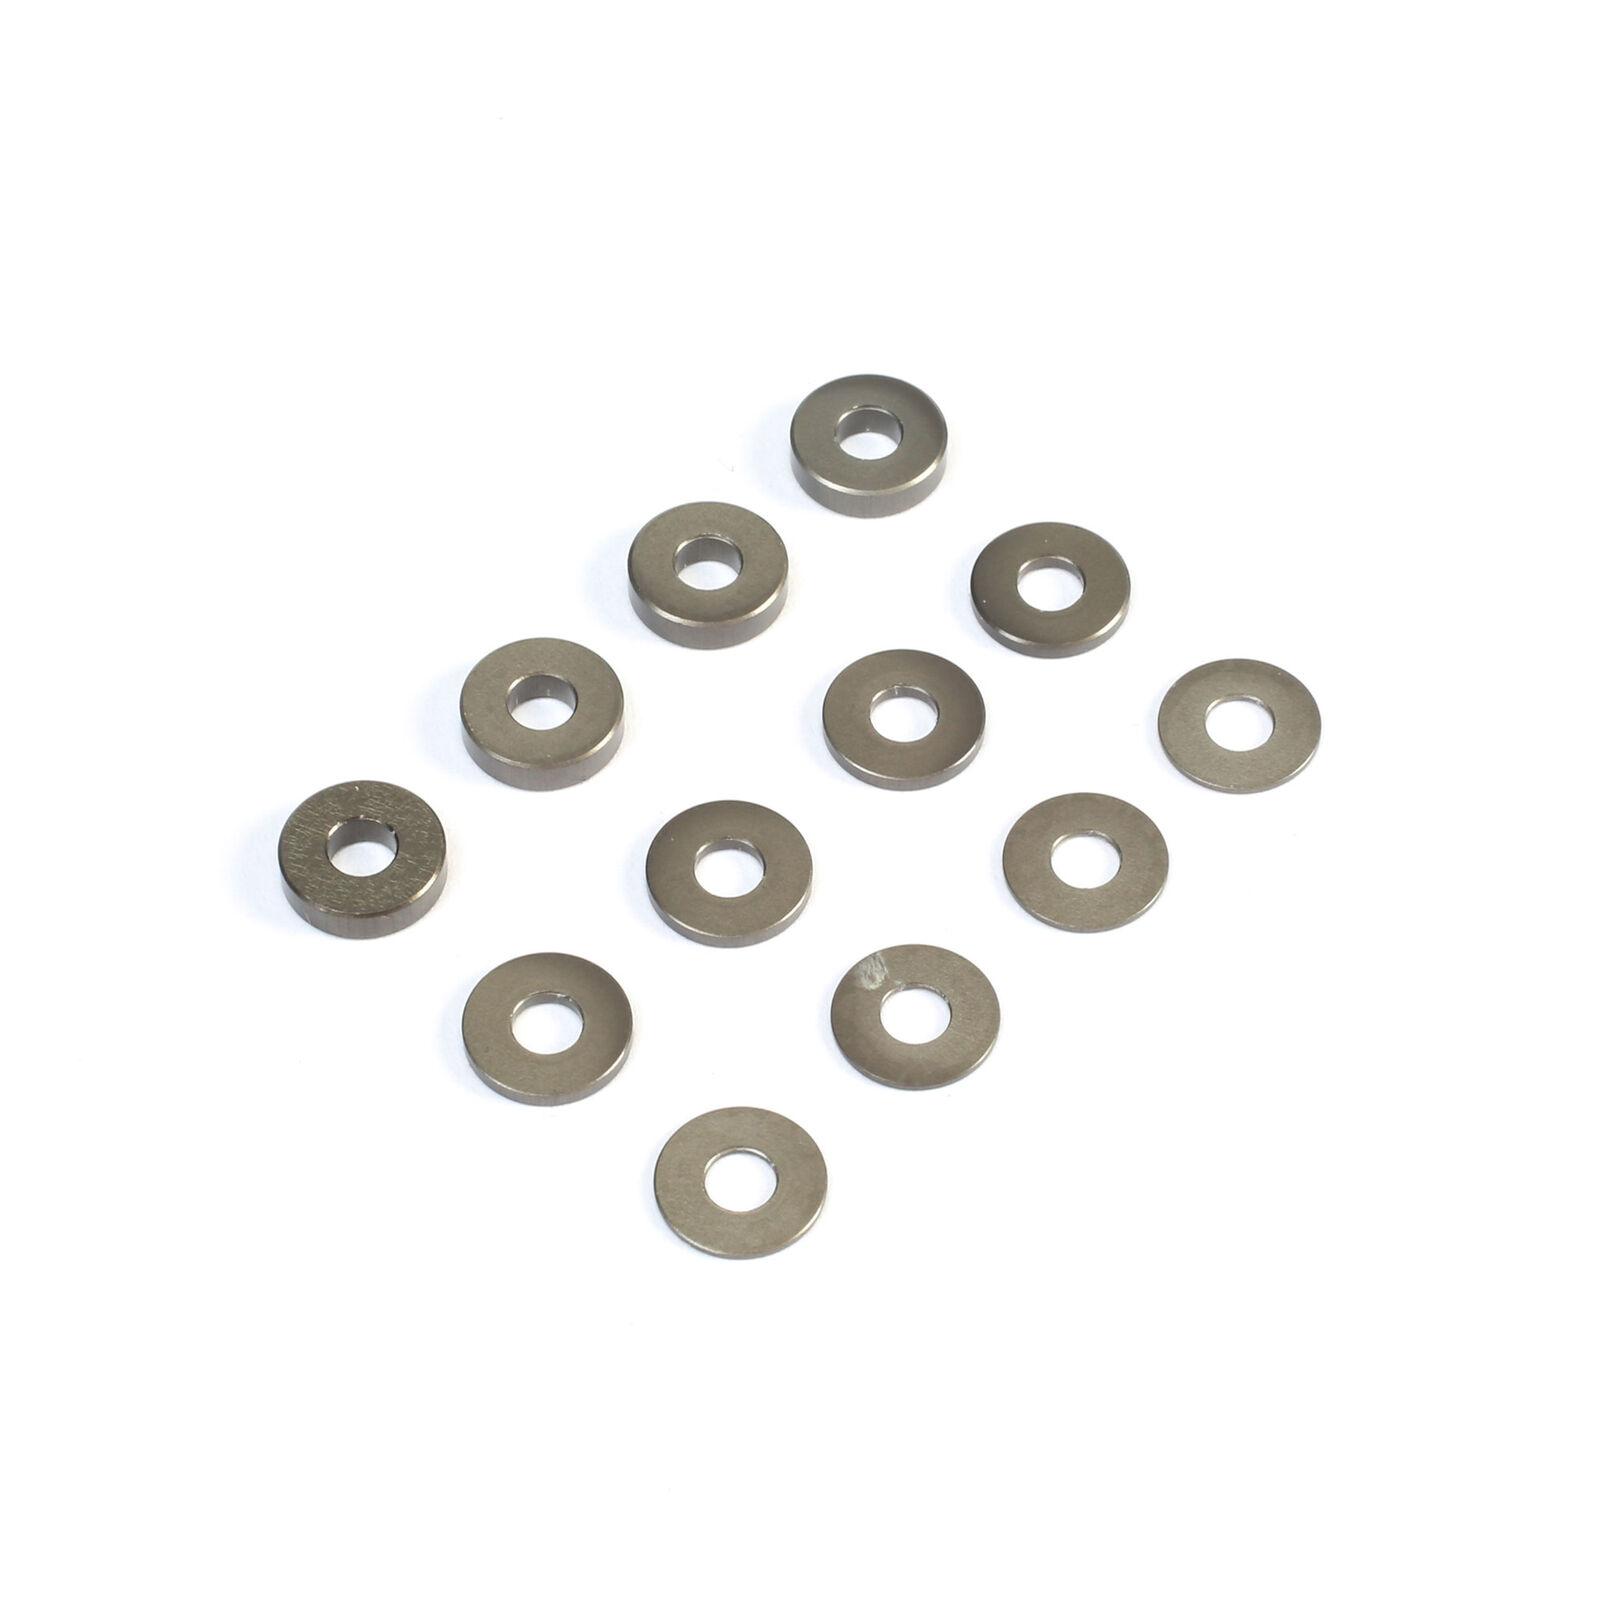 M3 Aluminum Washer Set, Hard Anodized (4): 22 3.0, 4.0, 5.0